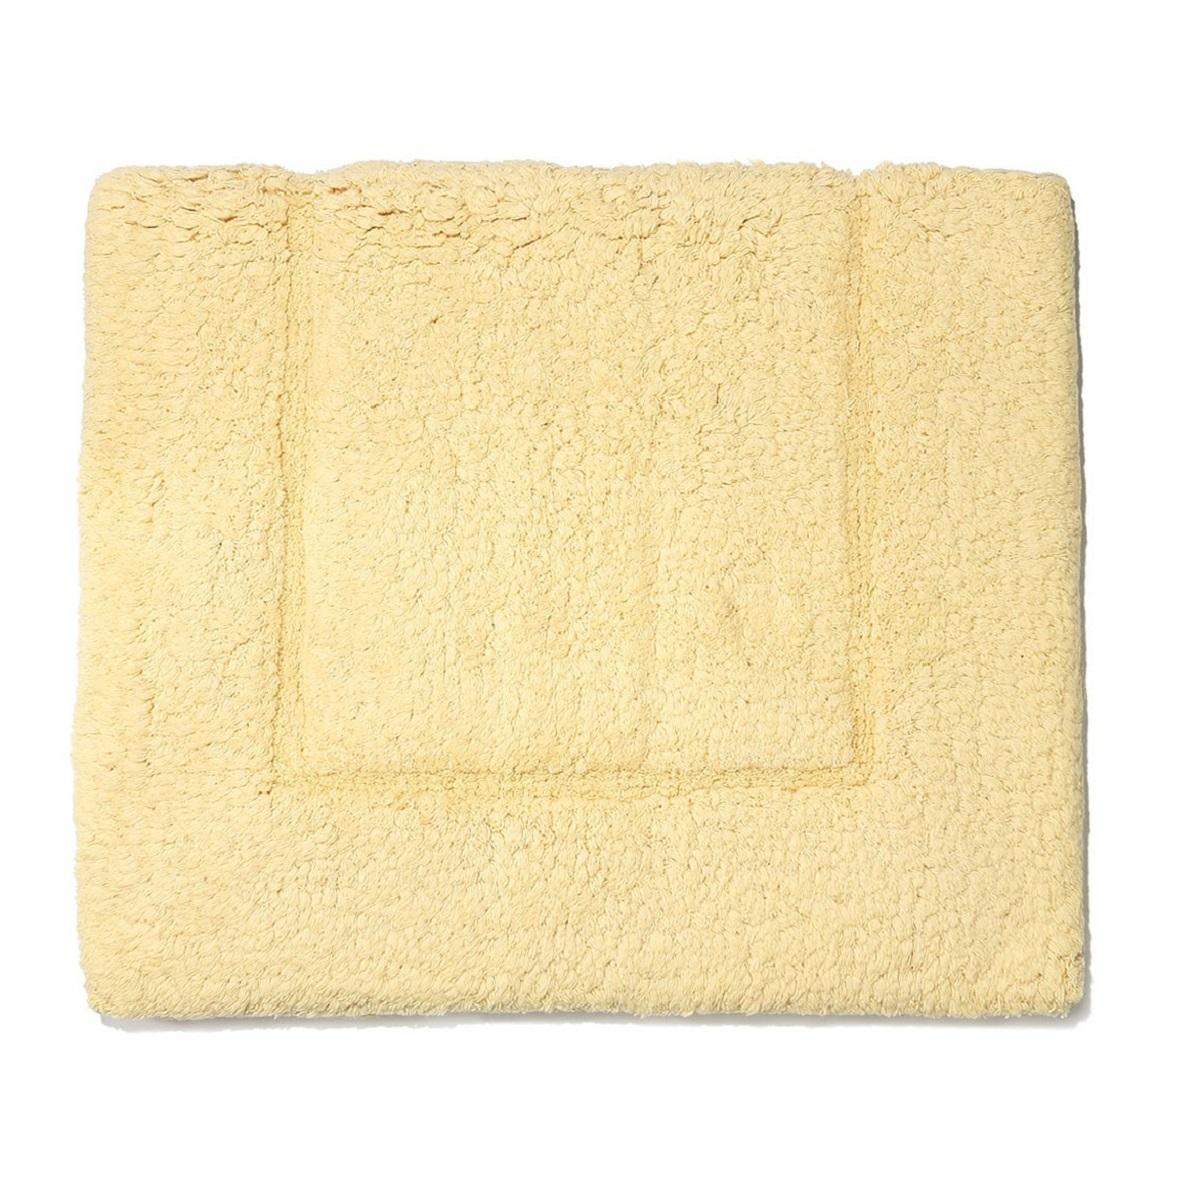 Коврики для ванной Элитный коврик для ванной Elegance Sunshine от Kassatex elitnyy-kovrik-dlya-vannoy-elegance-sunshine-ot-kassatex-portugaliya.jpg